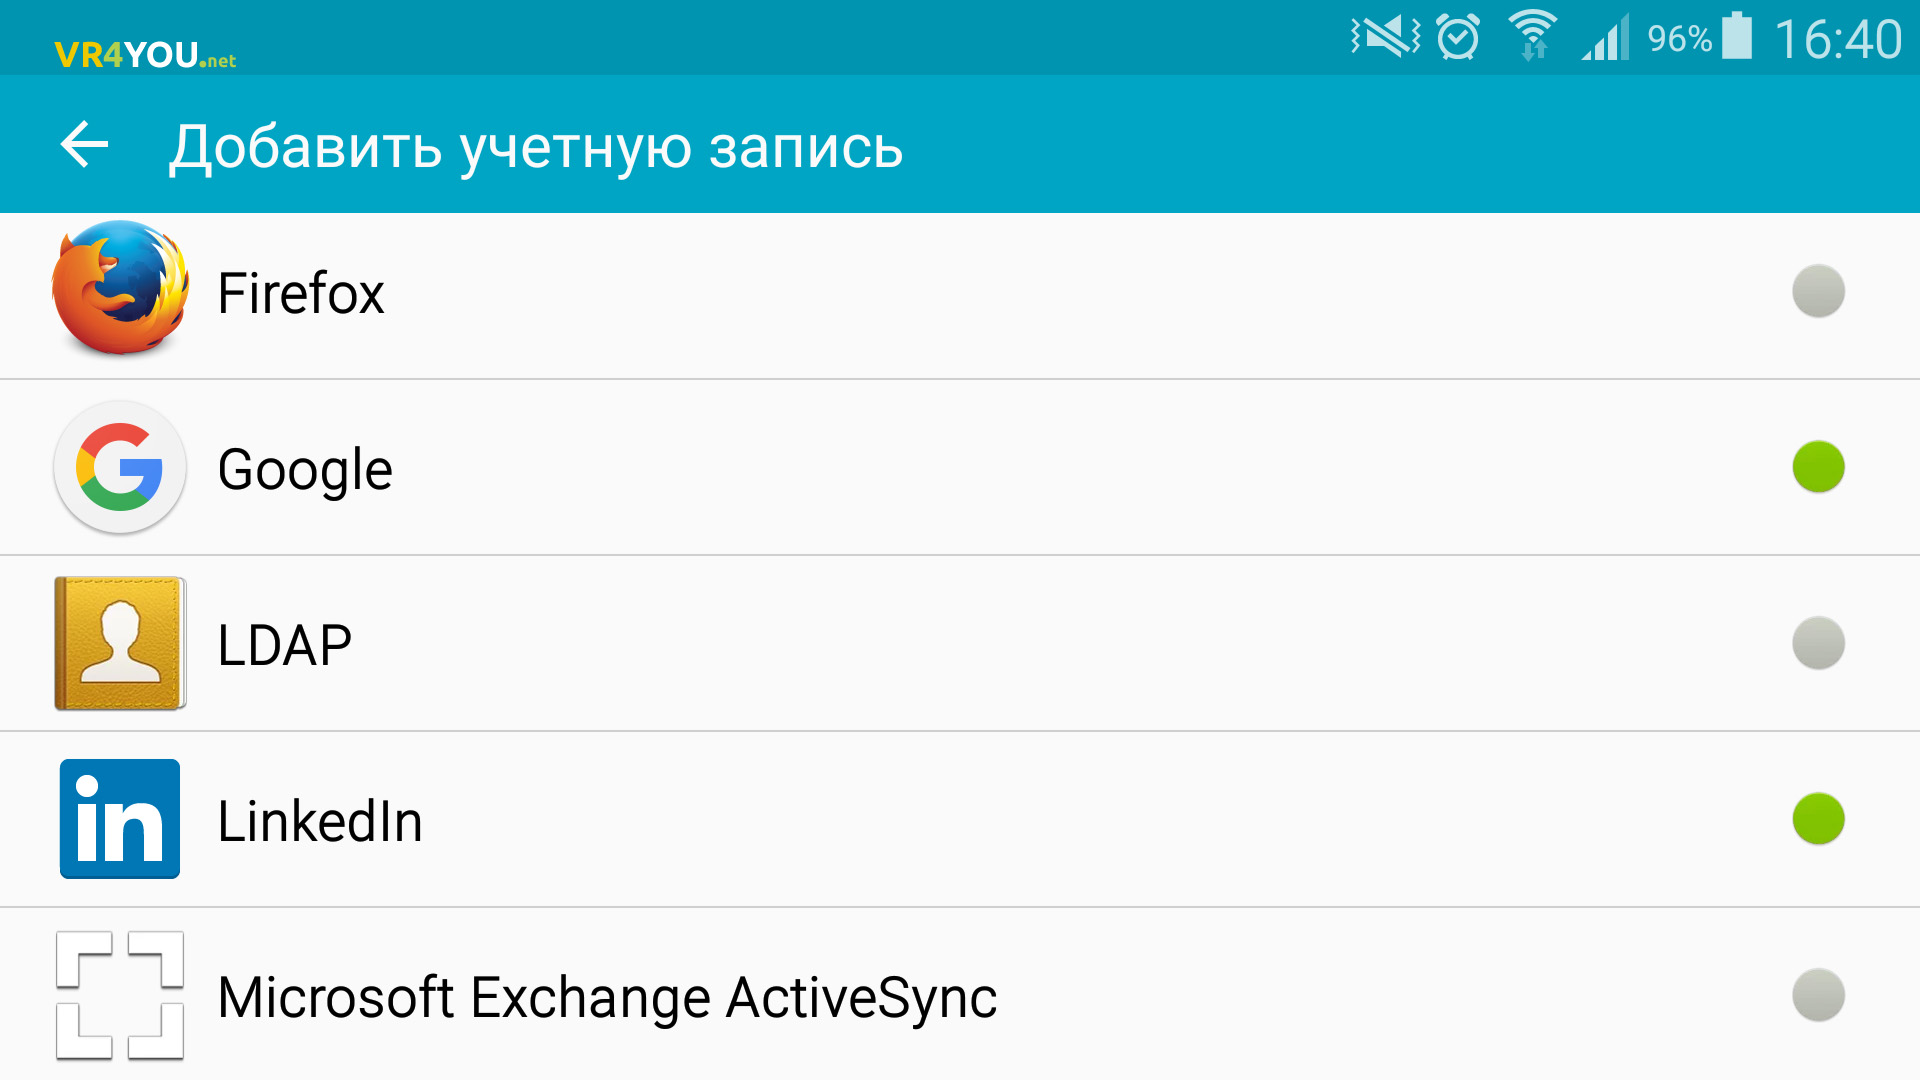 Cинхронизация контактов Google: как 11